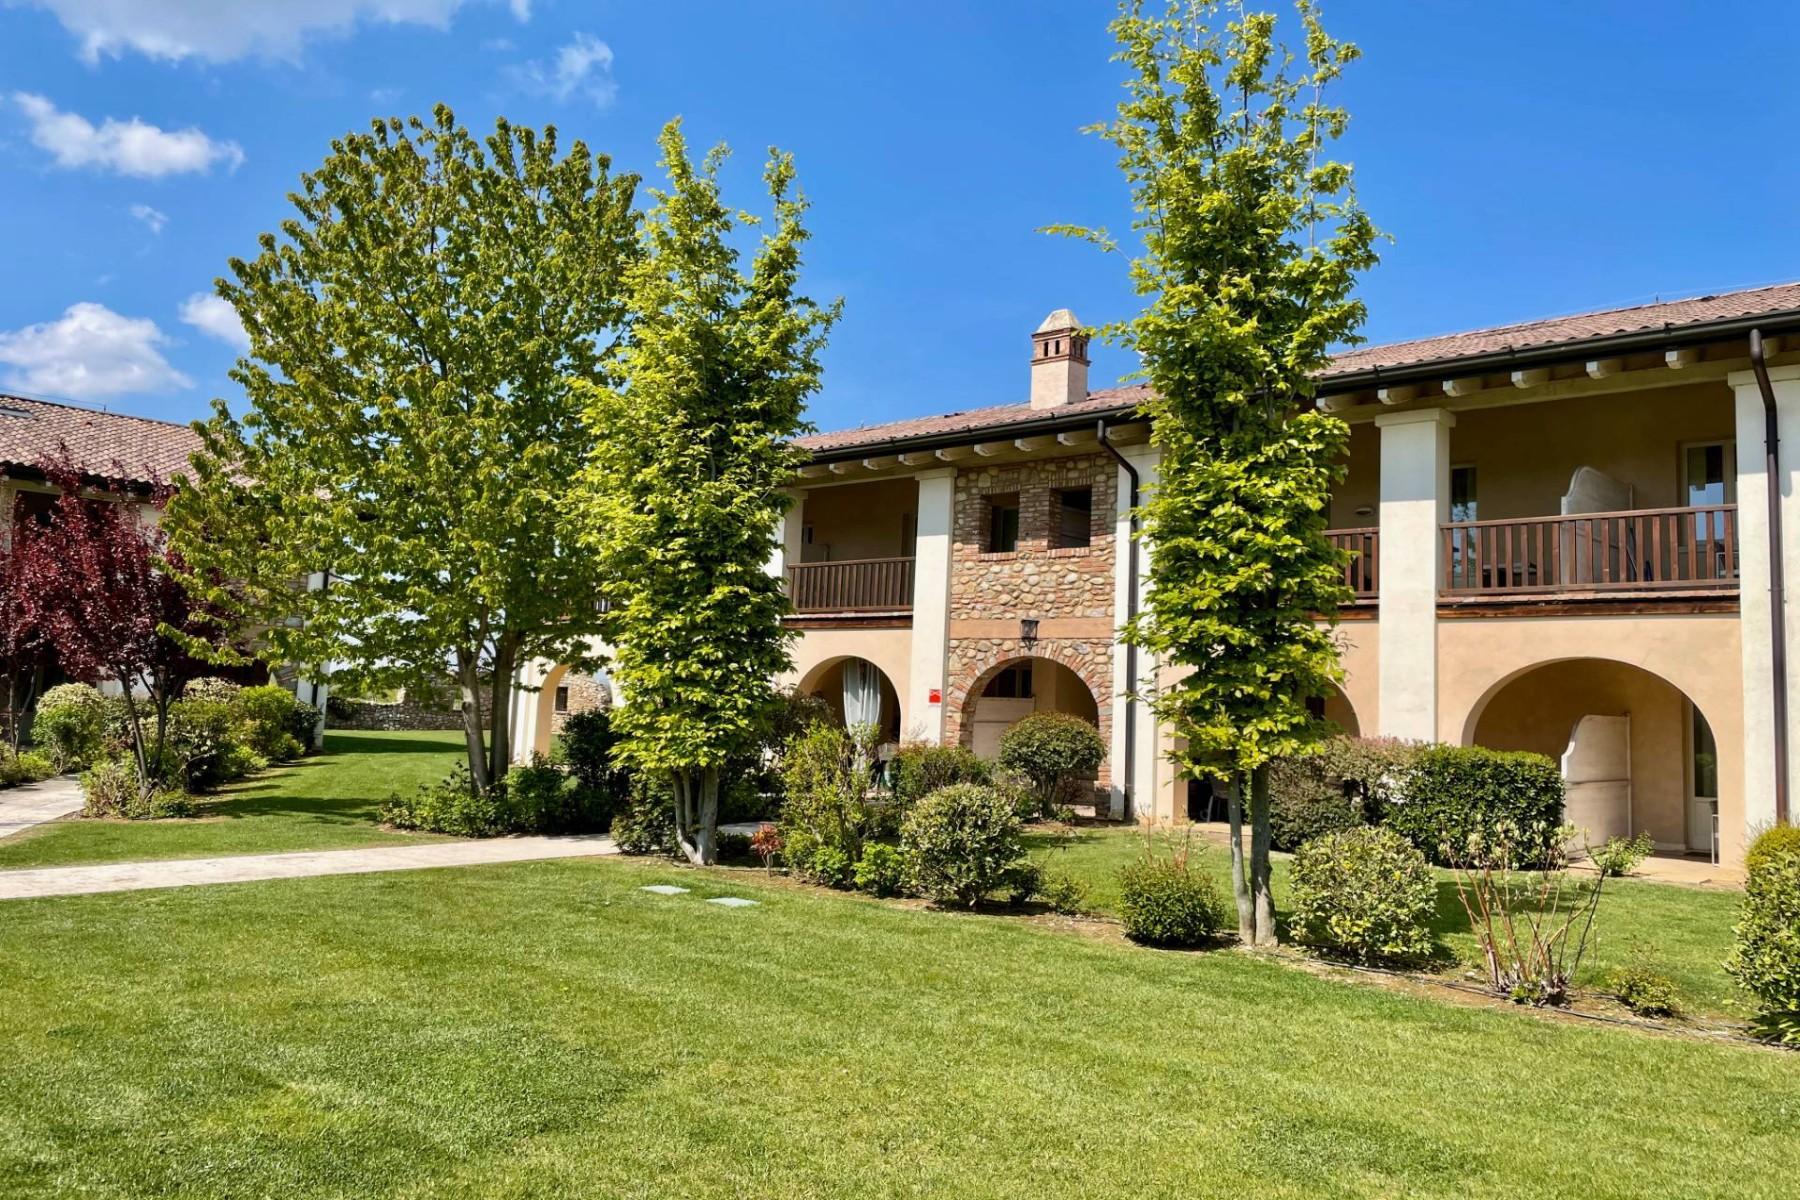 Appartamento in Vendita a Pozzolengo: 2 locali, 67 mq - Foto 19